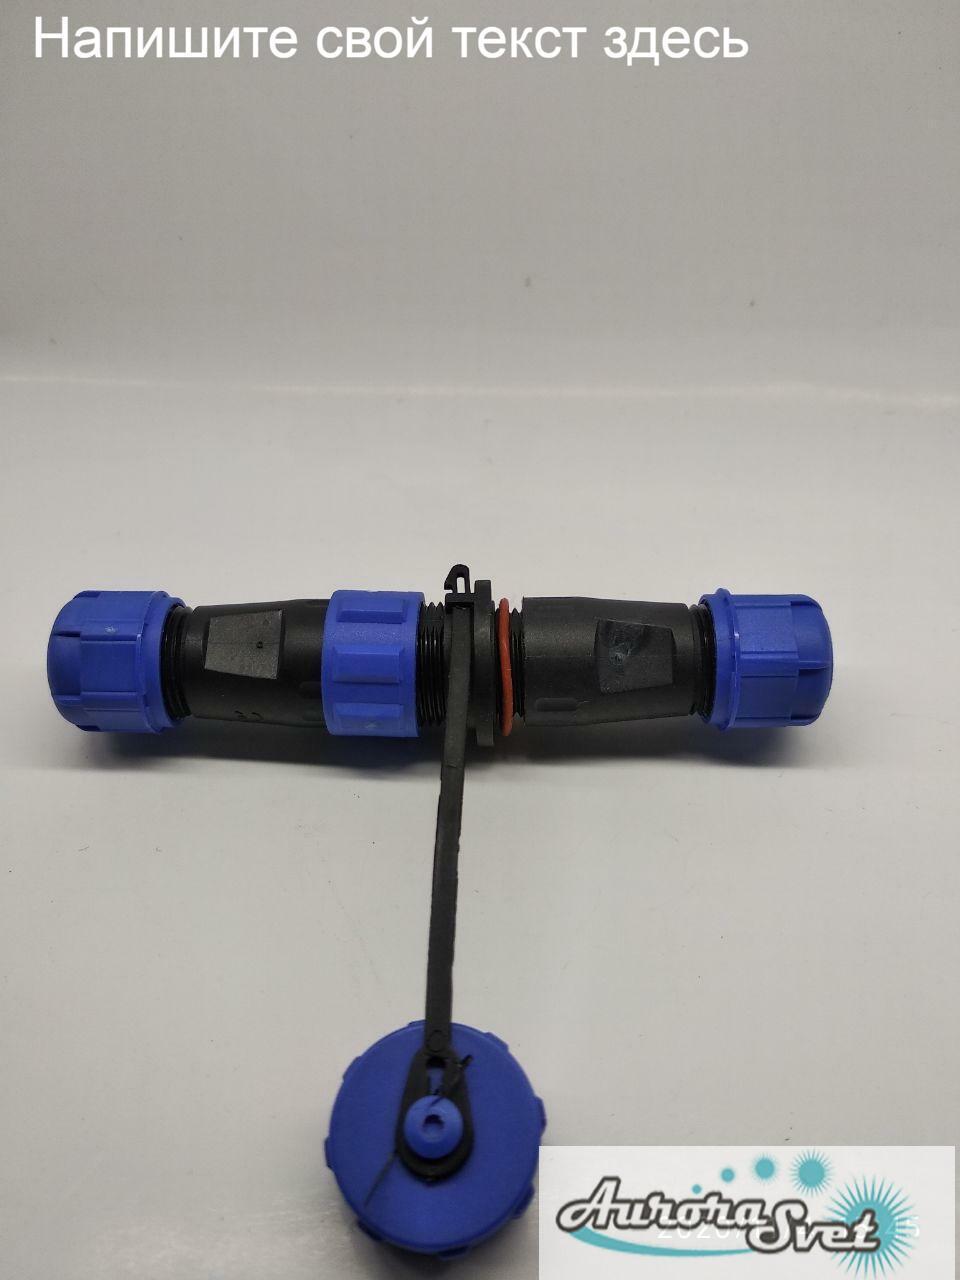 Роз'єм герметичний водонепроникний ip68 md 16 3-х контактний 10А.Межкабельный з'єднувач кабелю IP68.